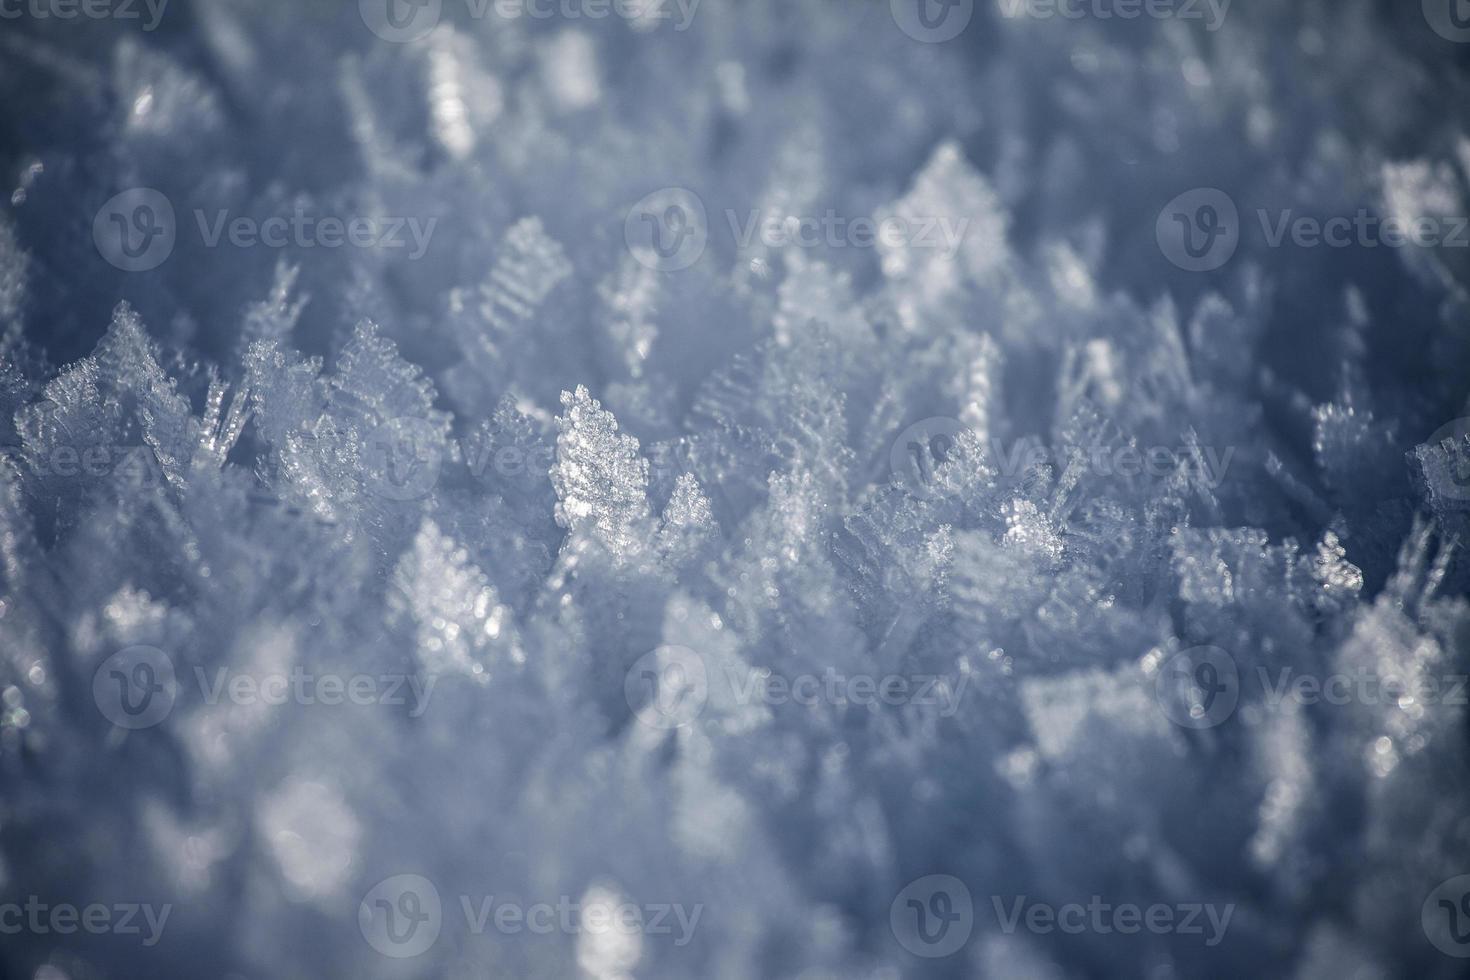 vintermönster # 1 foto